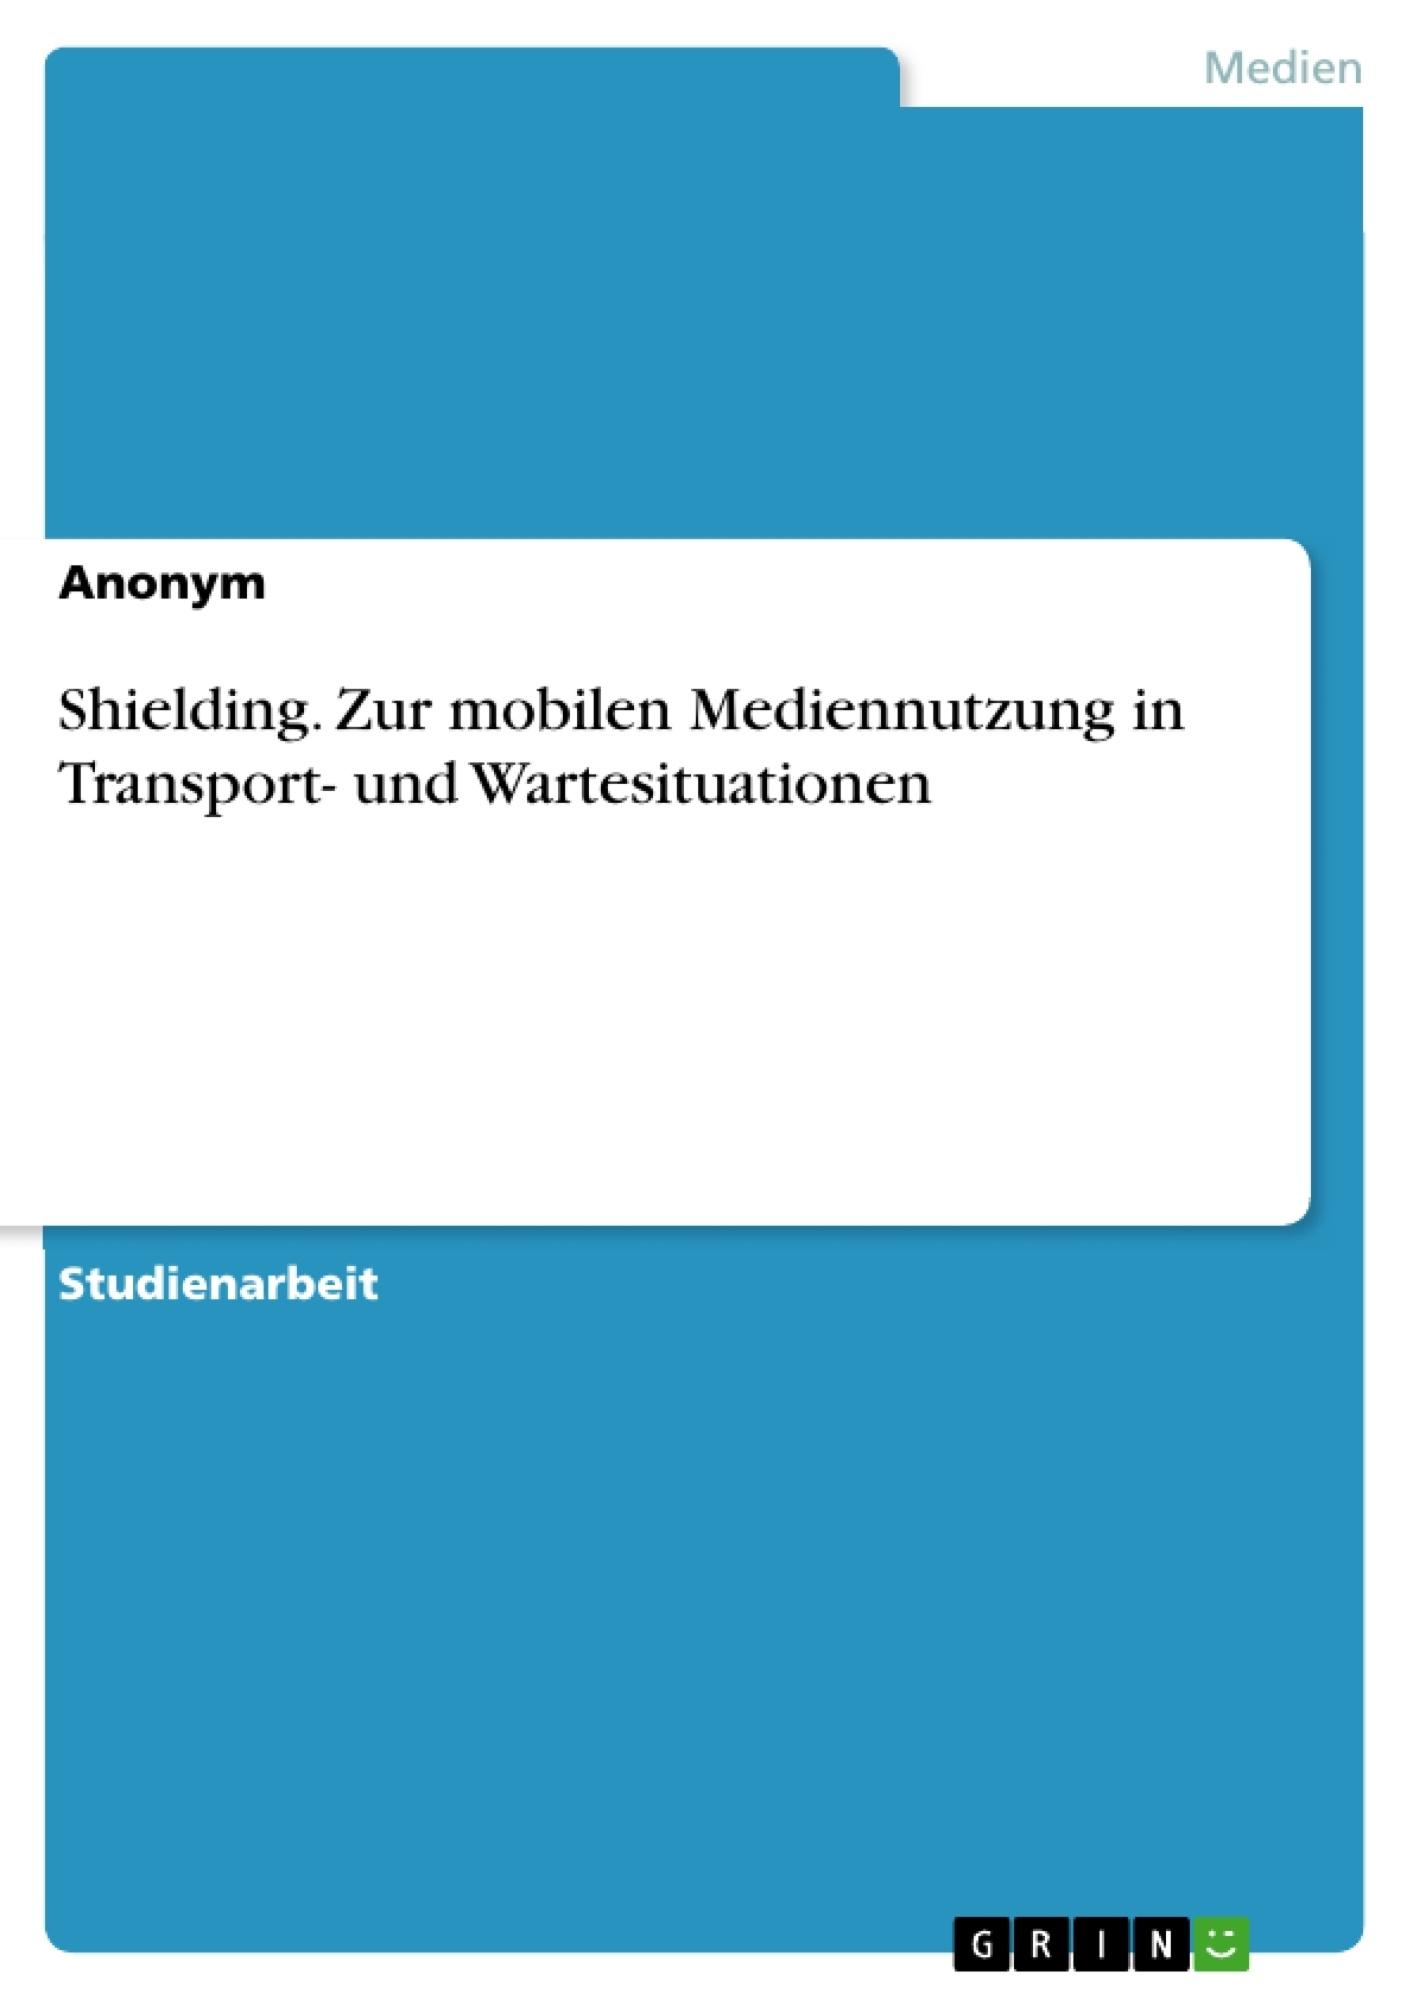 Titel: Shielding. Zur mobilen Mediennutzung in Transport- und Wartesituationen